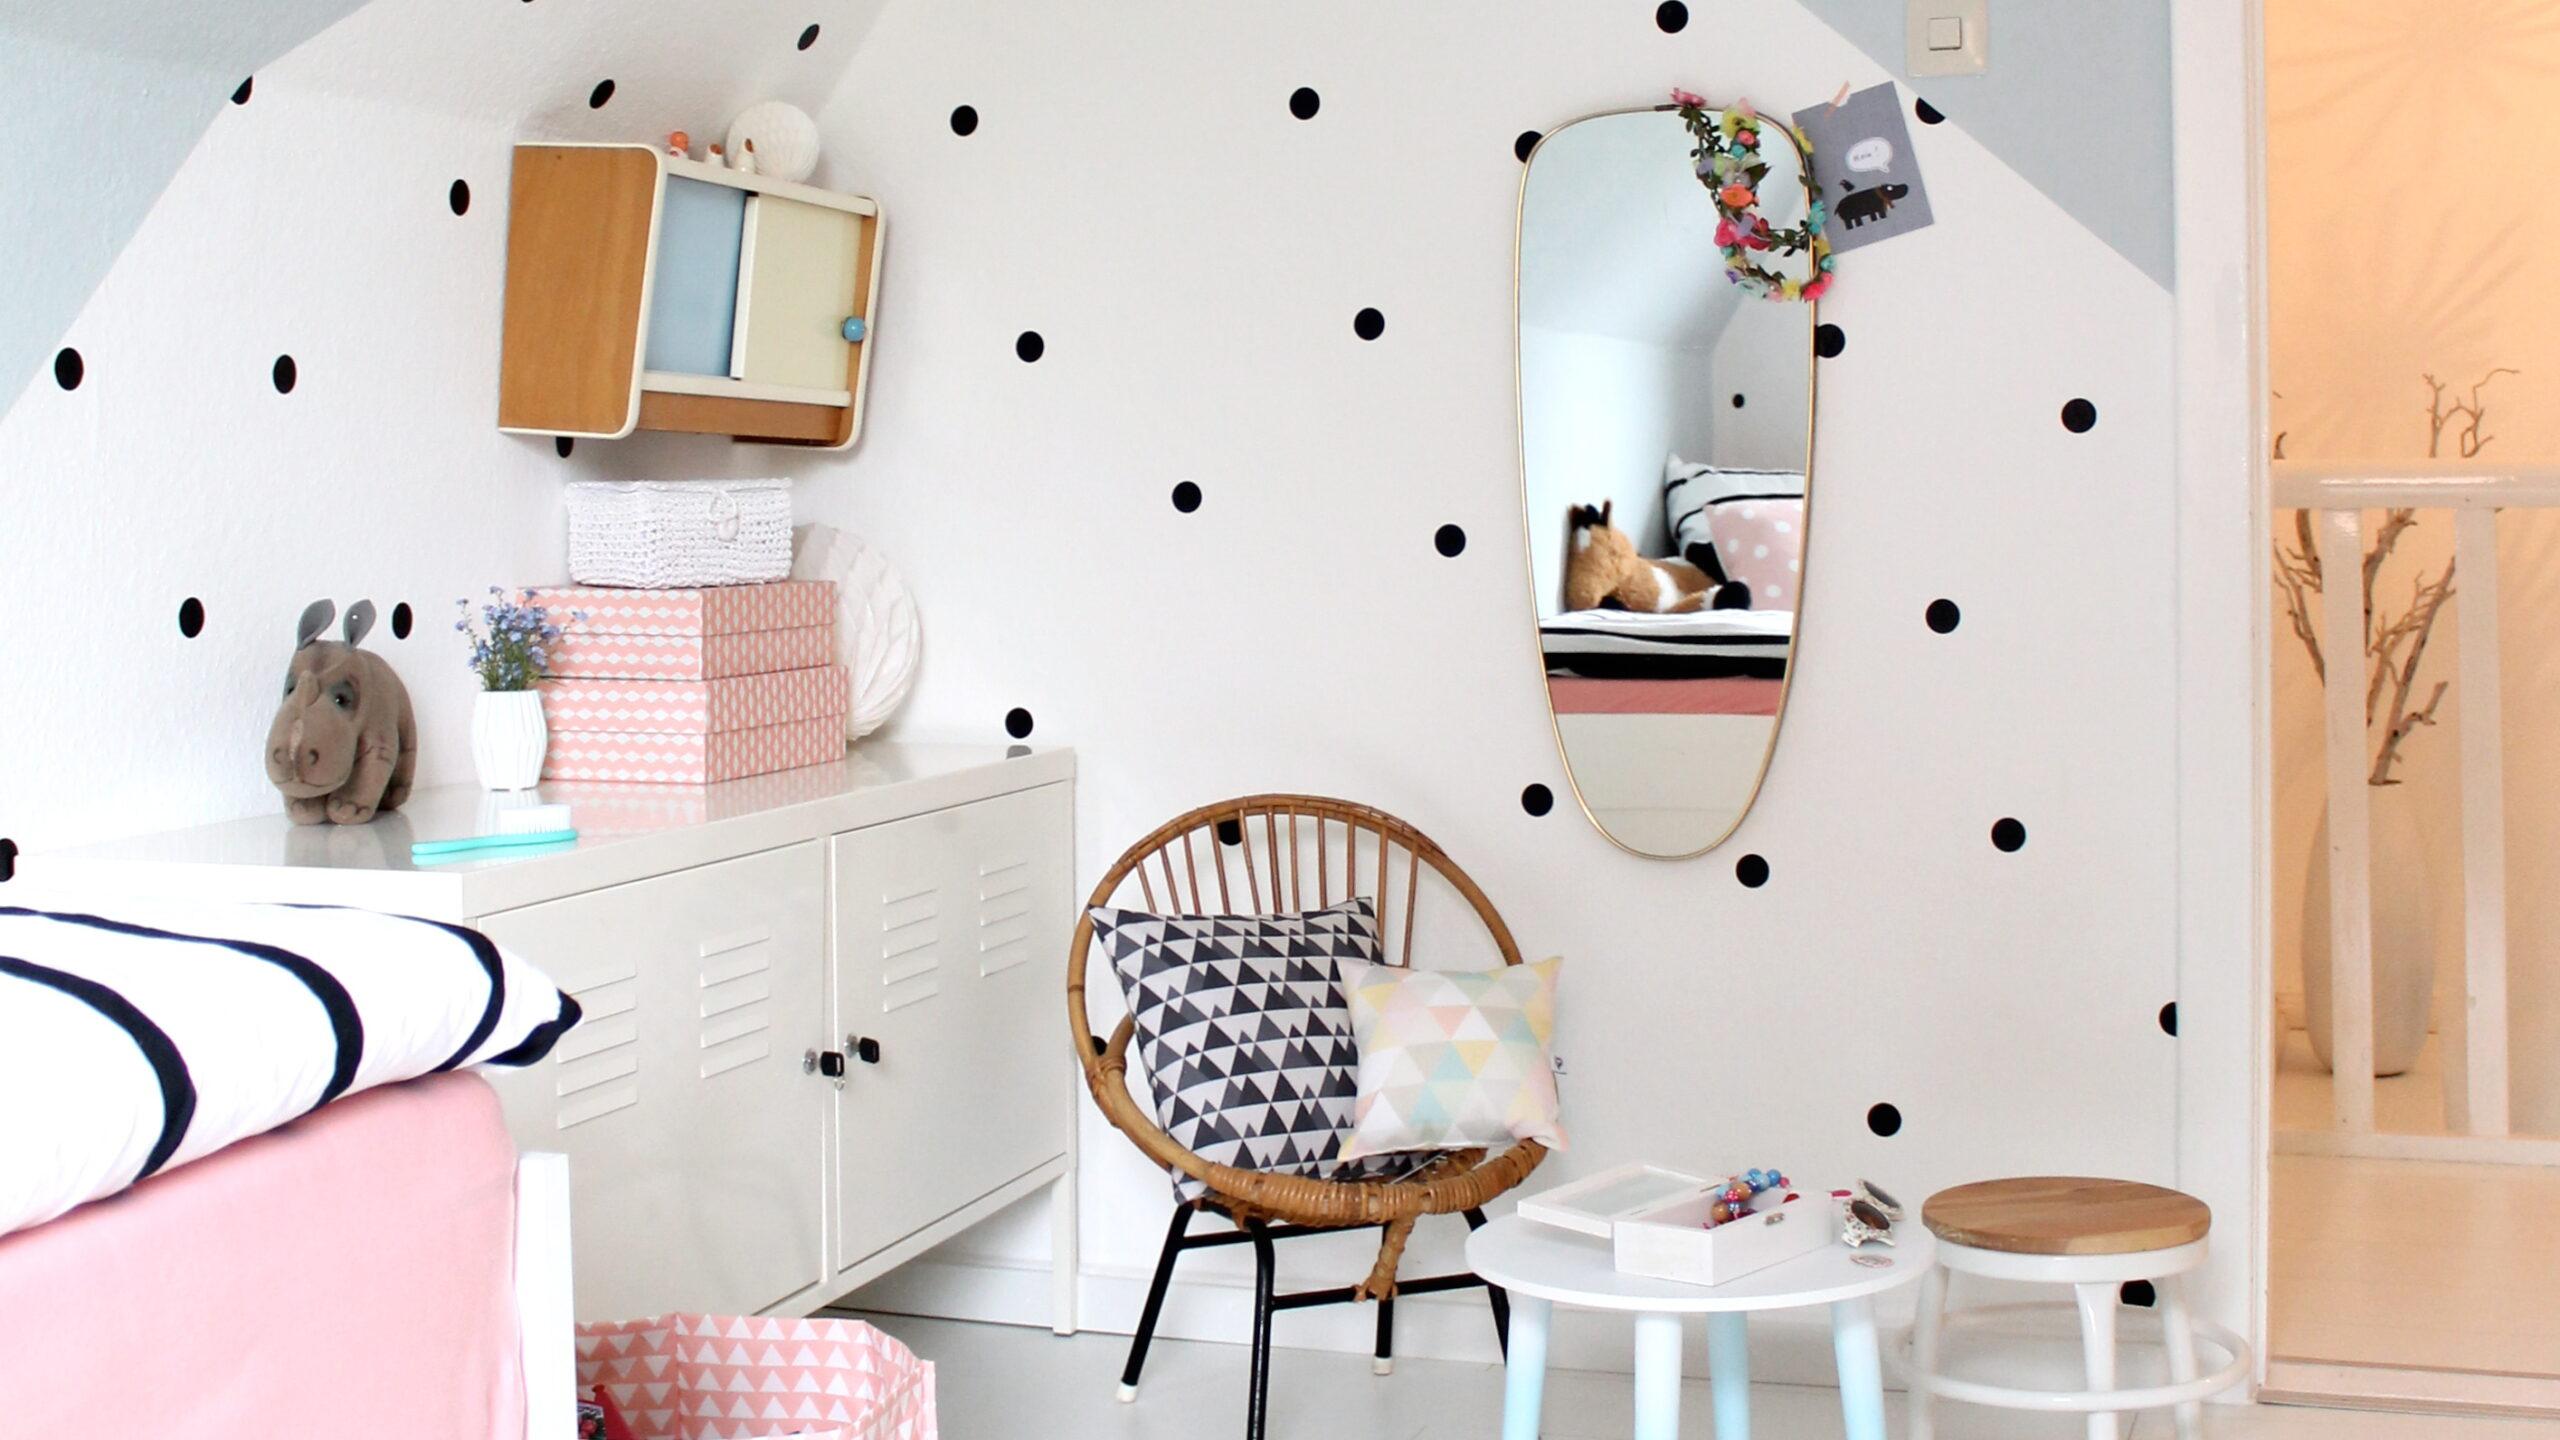 Full Size of Schnsten Ideen Fr Deine Kinderzimmer Deko Regale Regal Weiß Wanddeko Küche Sofa Kinderzimmer Kinderzimmer Wanddeko